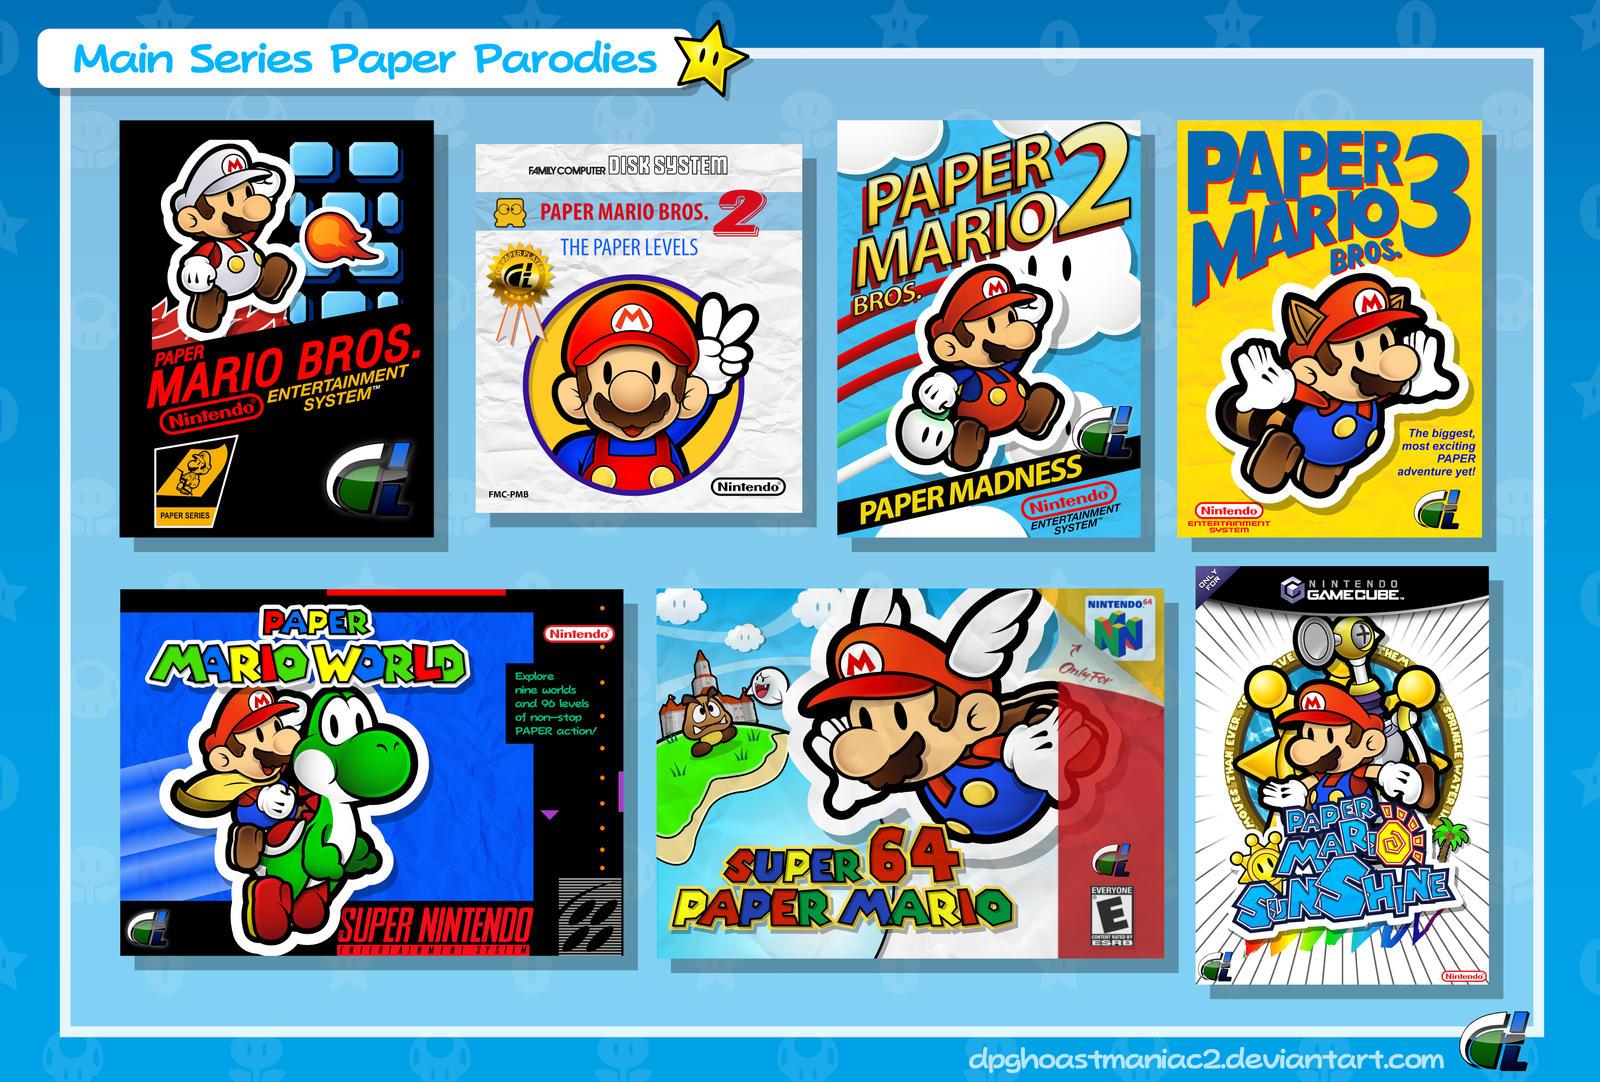 paper mario main series paper parodies by shadowlifeman on deviantart